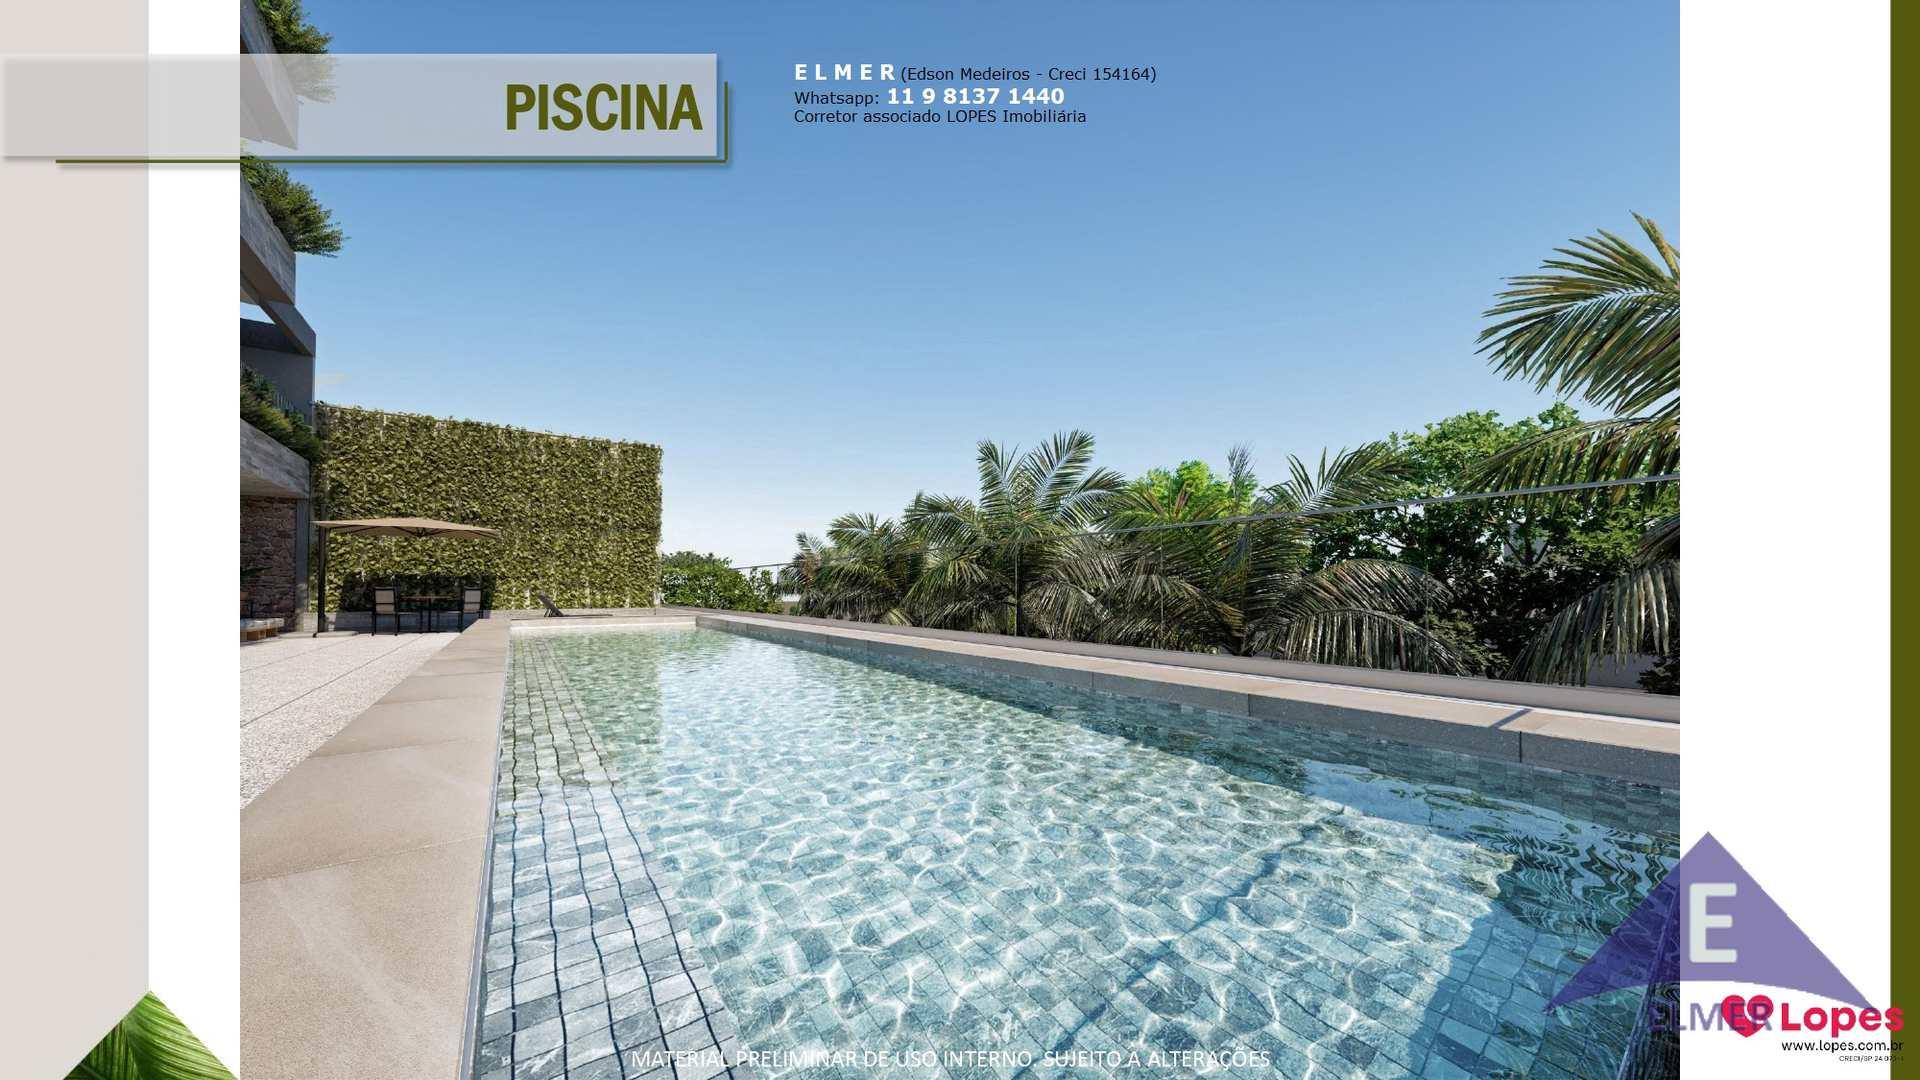 Piscina - GARDENER - Elmer